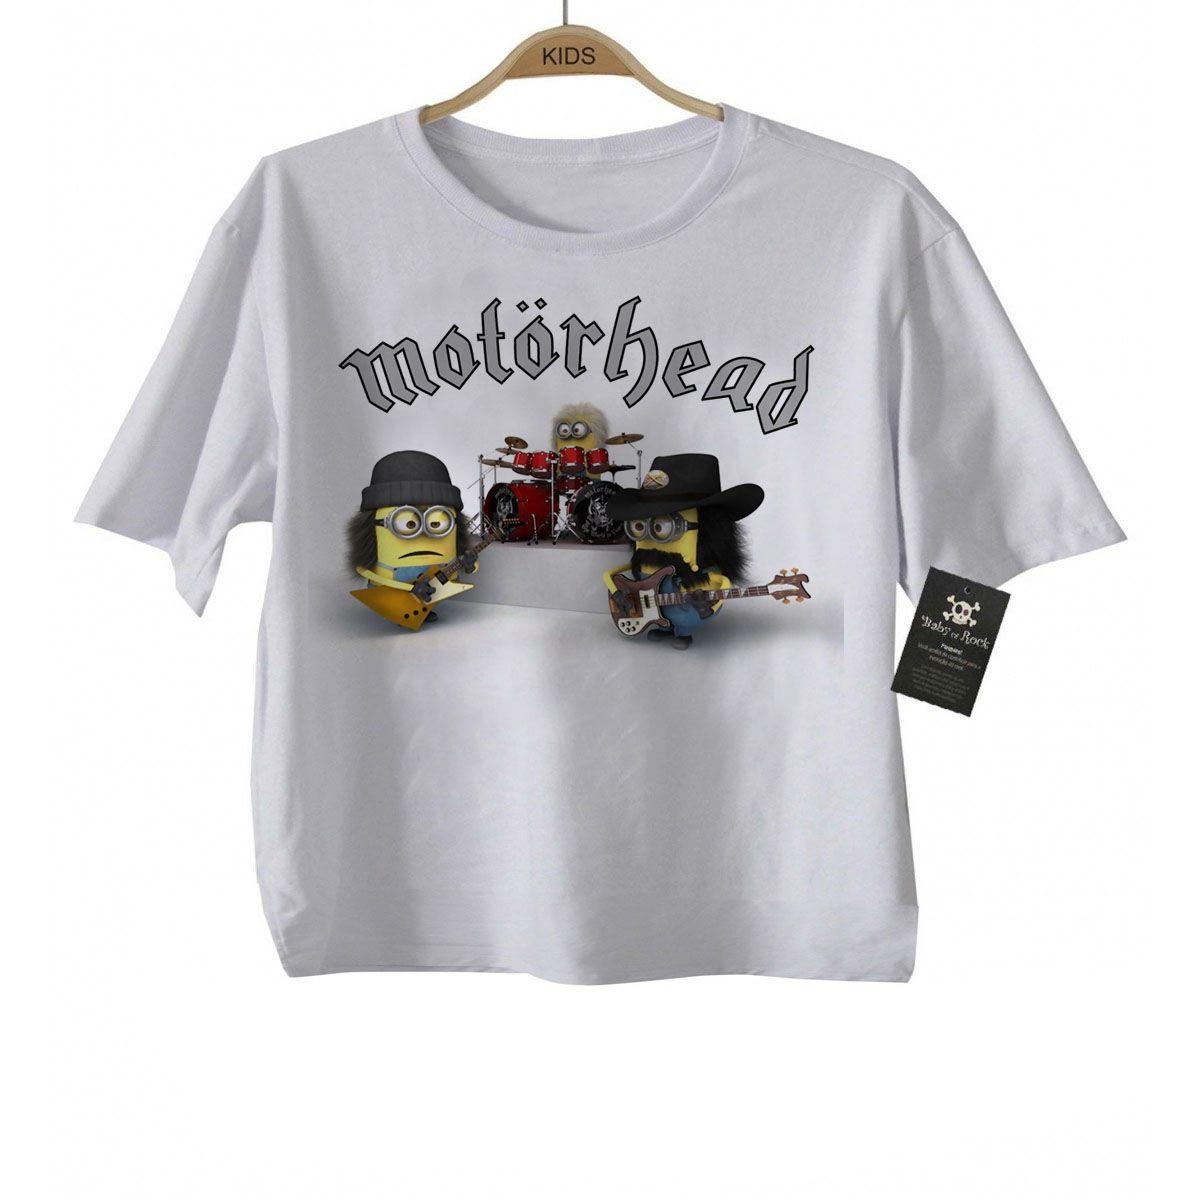 Camiseta Infantil  Motorhead - Minions - White  - Baby Monster S/A